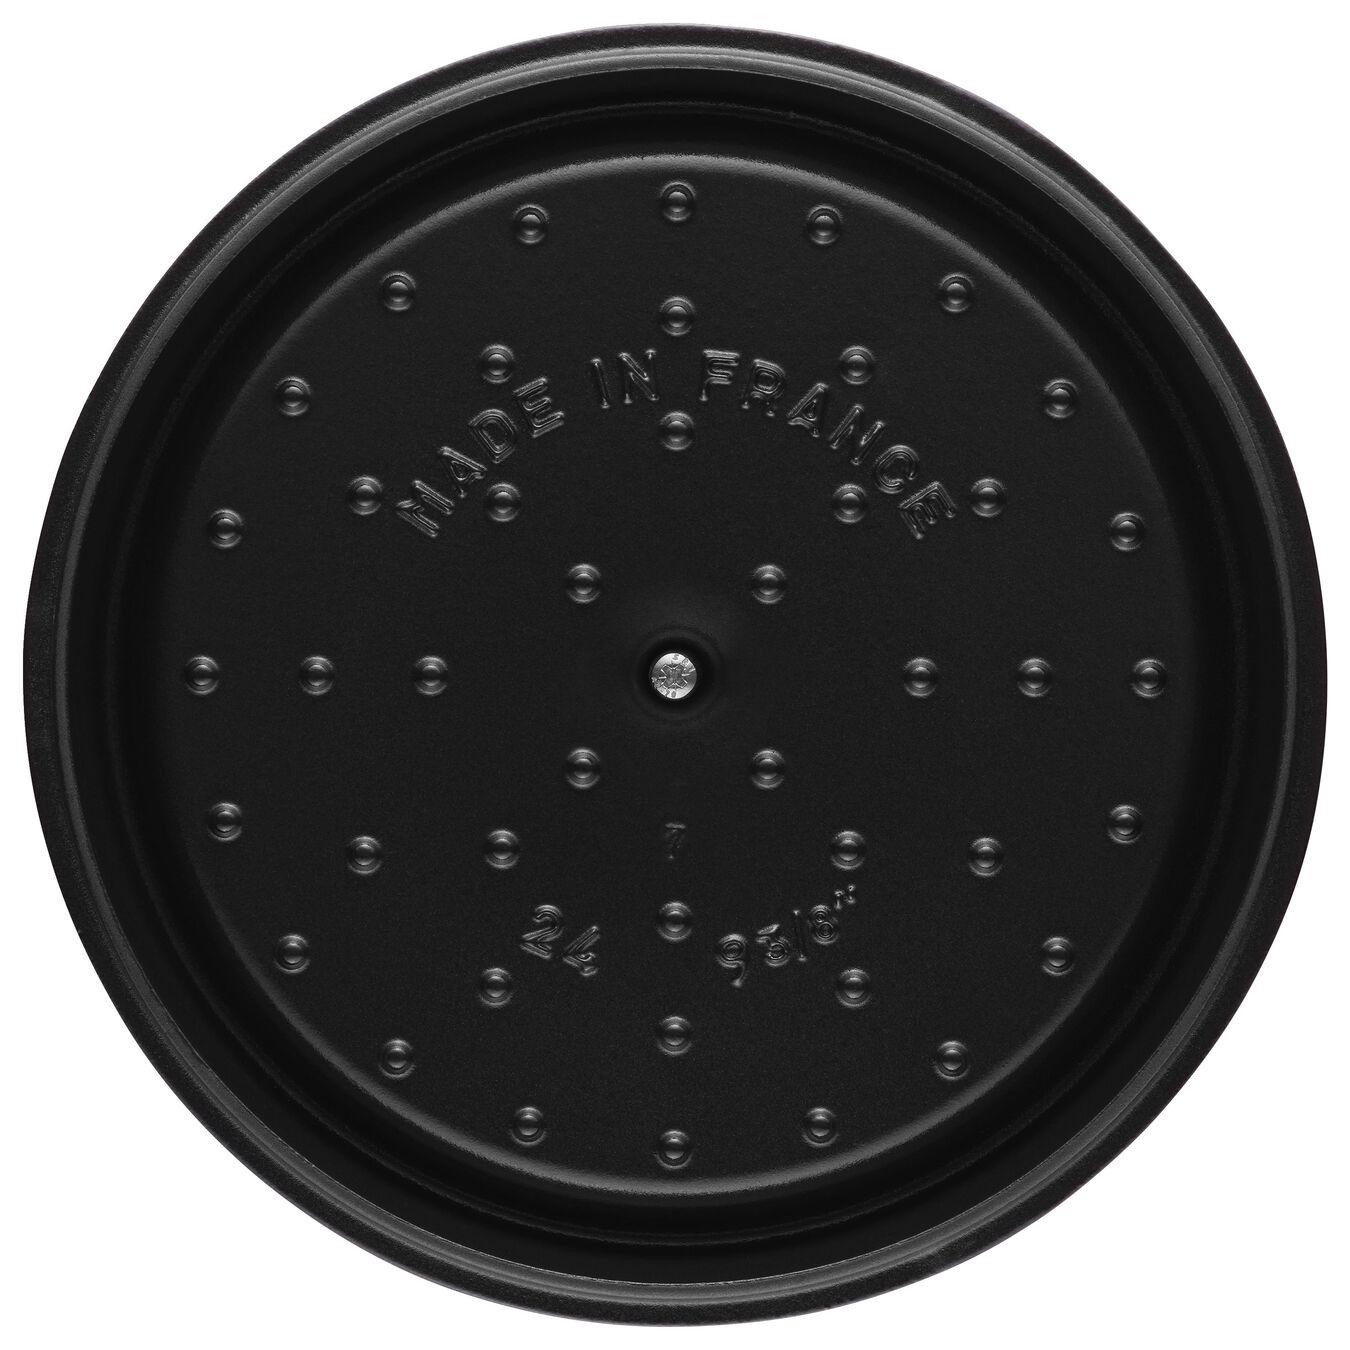 Cocotte 24 cm, Rond(e), Bordeaux, Fonte,,large 6